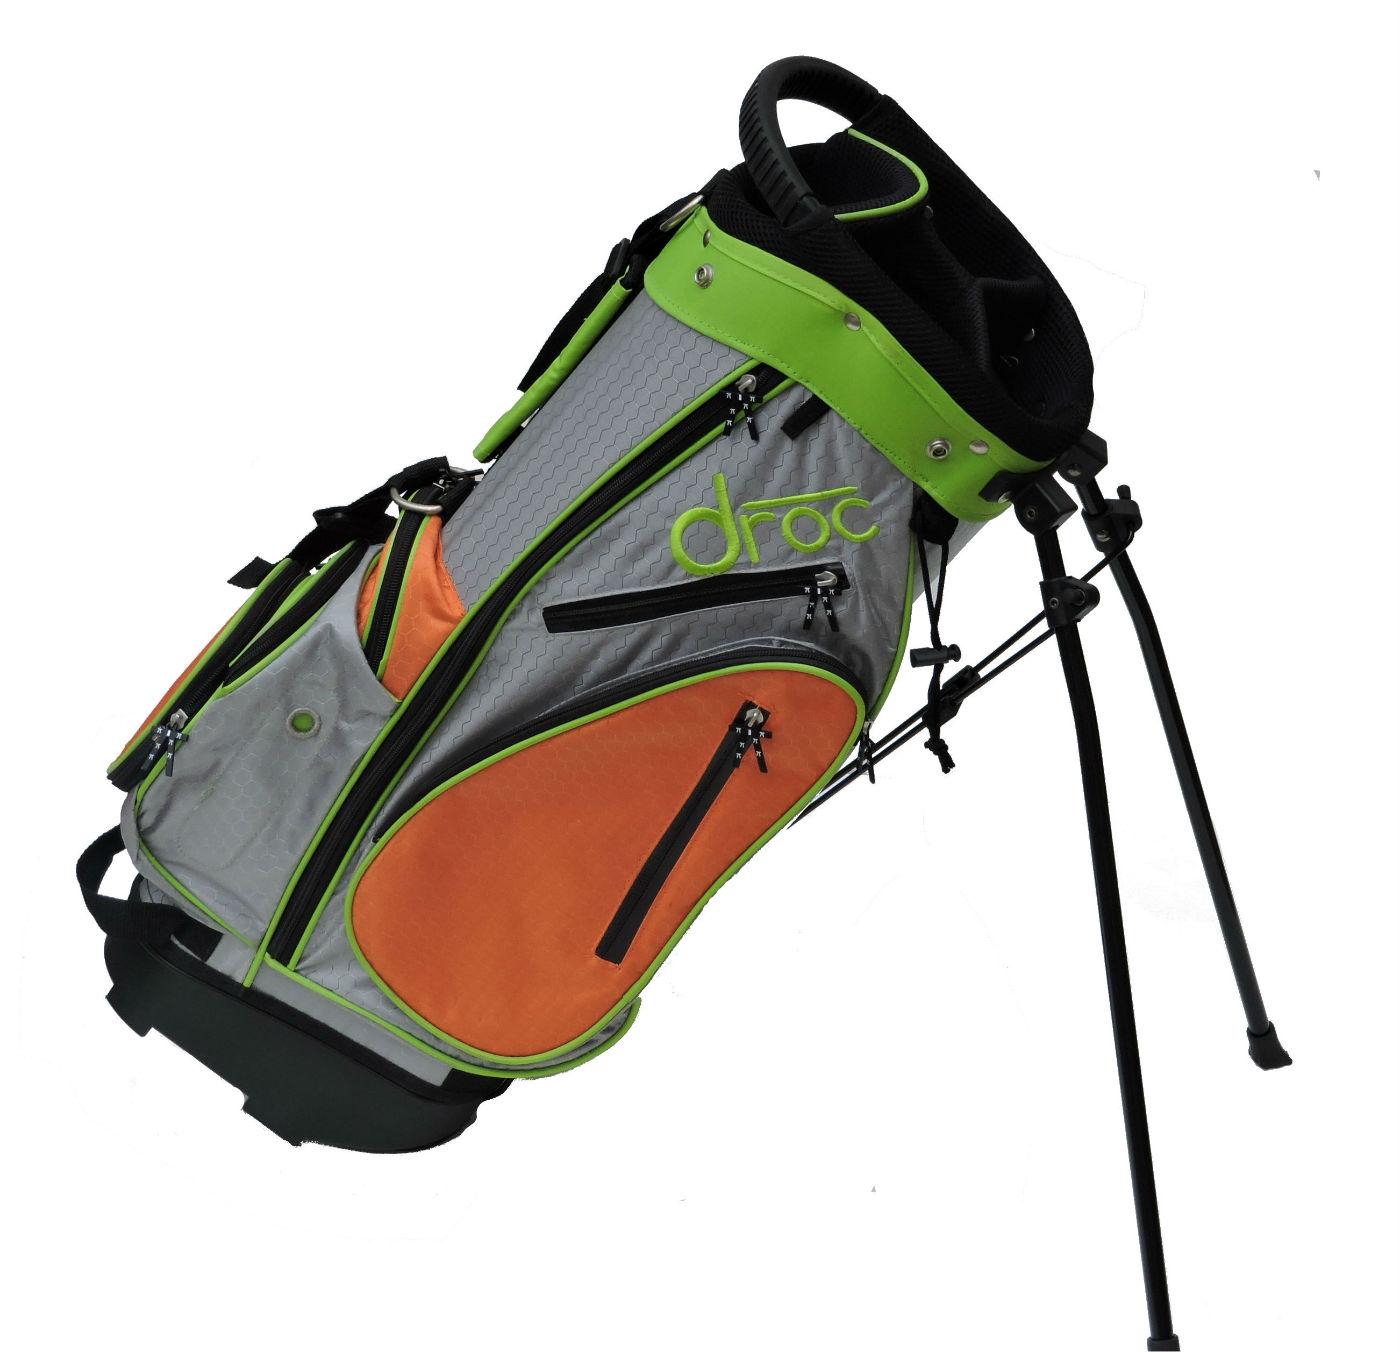 Droc - Noa Golf Bag Ages 6 - 10